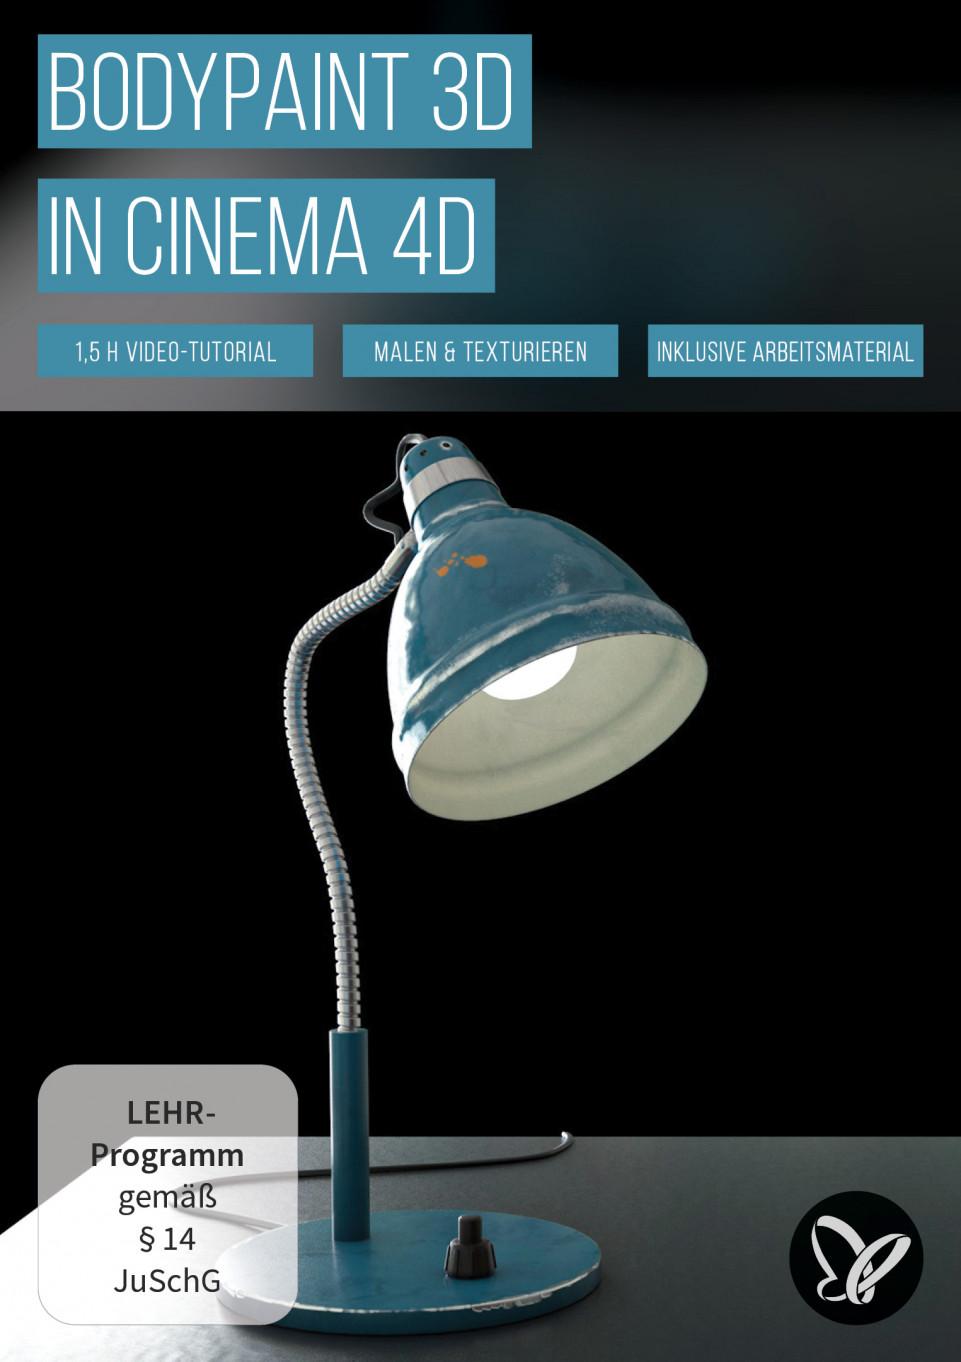 BodyPaint 3D in Cinema 4D (Tutorial): 3D-Objekte bemalen und mit Texturen versehen